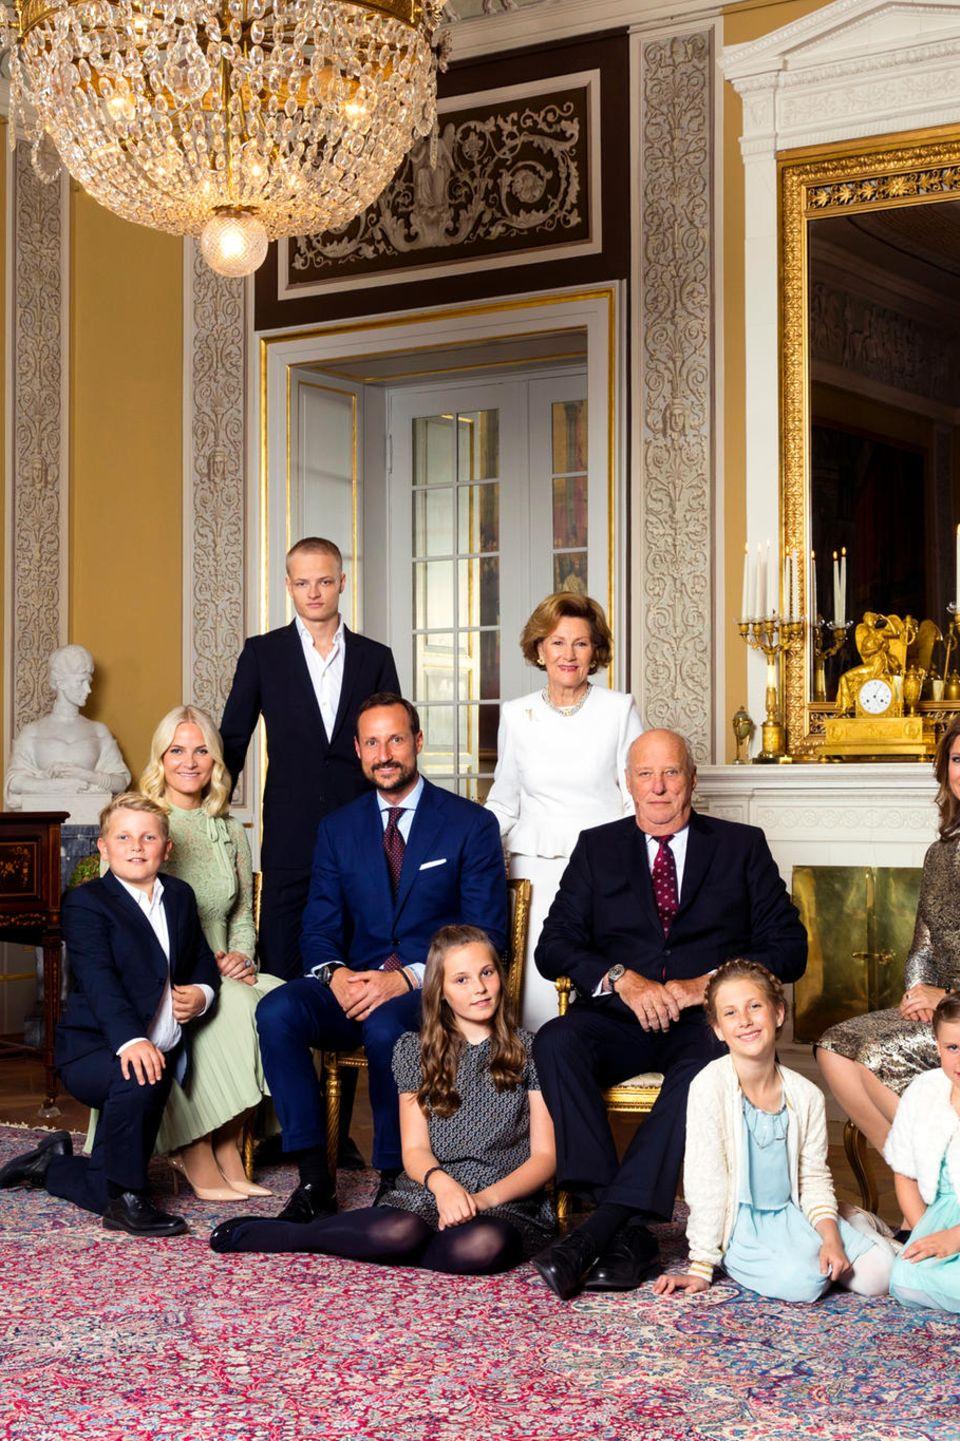 Die neuen Familienfotos wurden anlässlich der 80. Geburtstage von König Harald (21. Februar) und Königin Sonja(4. Juli) aufgenommen.